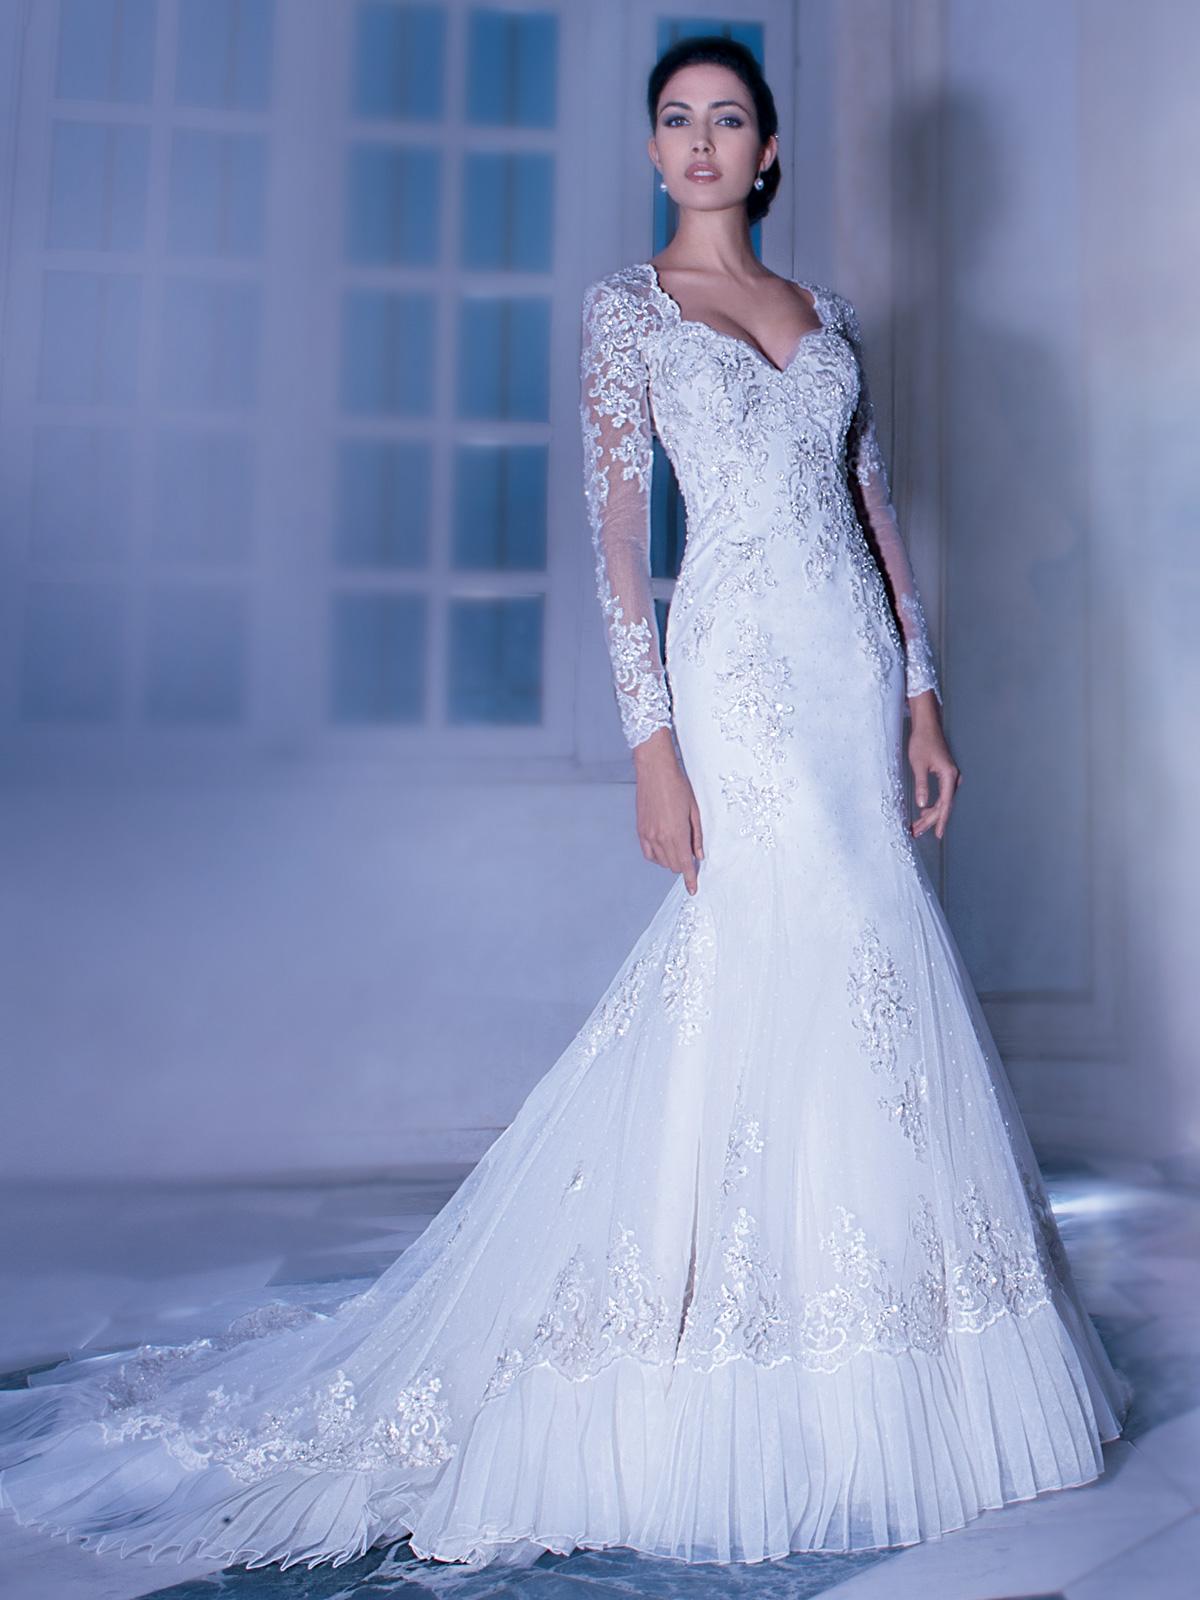 Vestido de Noiva sofisticado e atual . Para a noiva que procura um modelo diferente e atual . Lindo modelo em decote coração e mangas longas em corte impecável no estilo semi sereia.